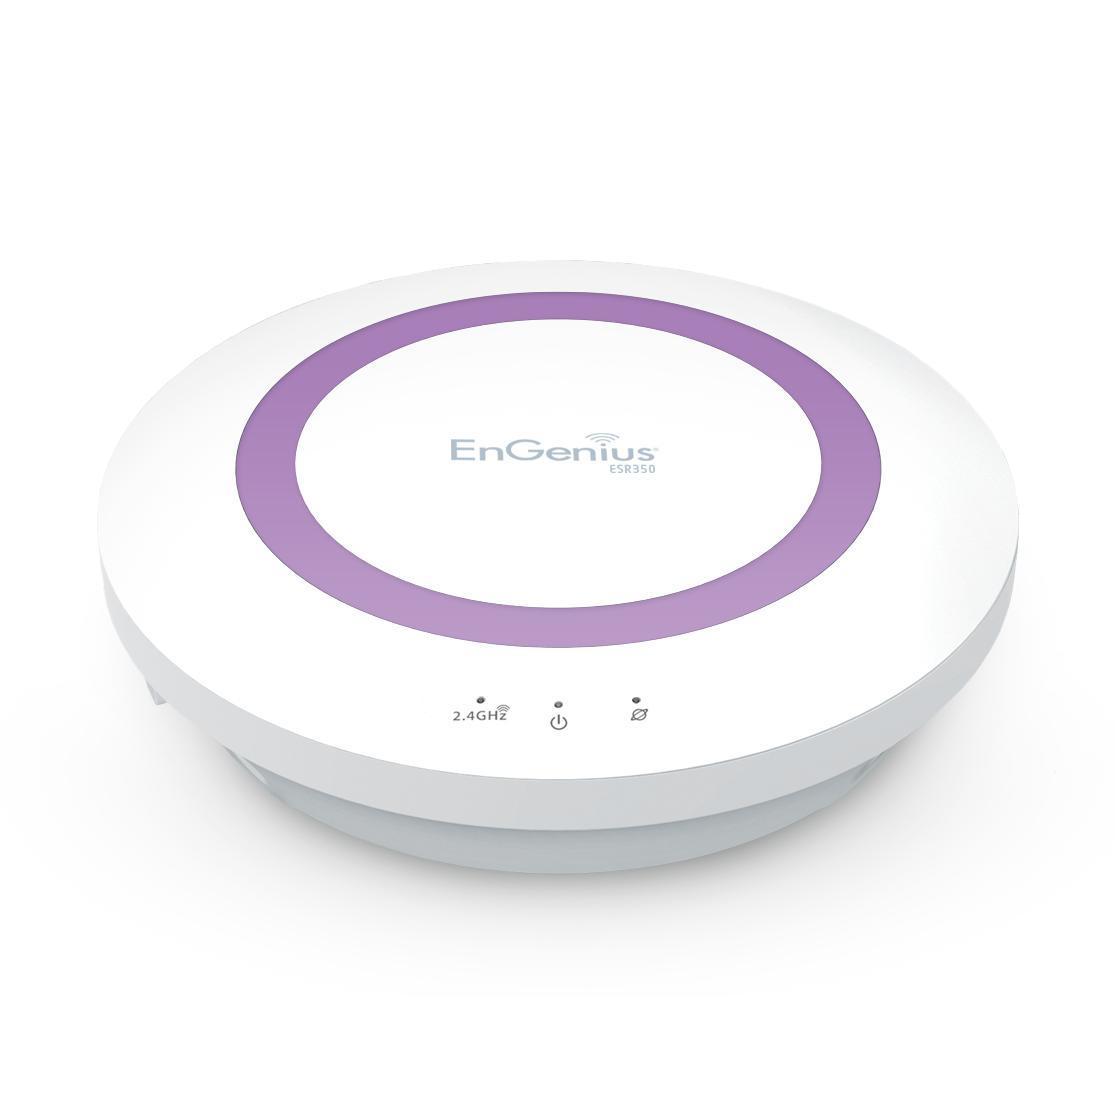 EnGenius ESR350 WiFi router 2.4 GHz 300 Mbit-s